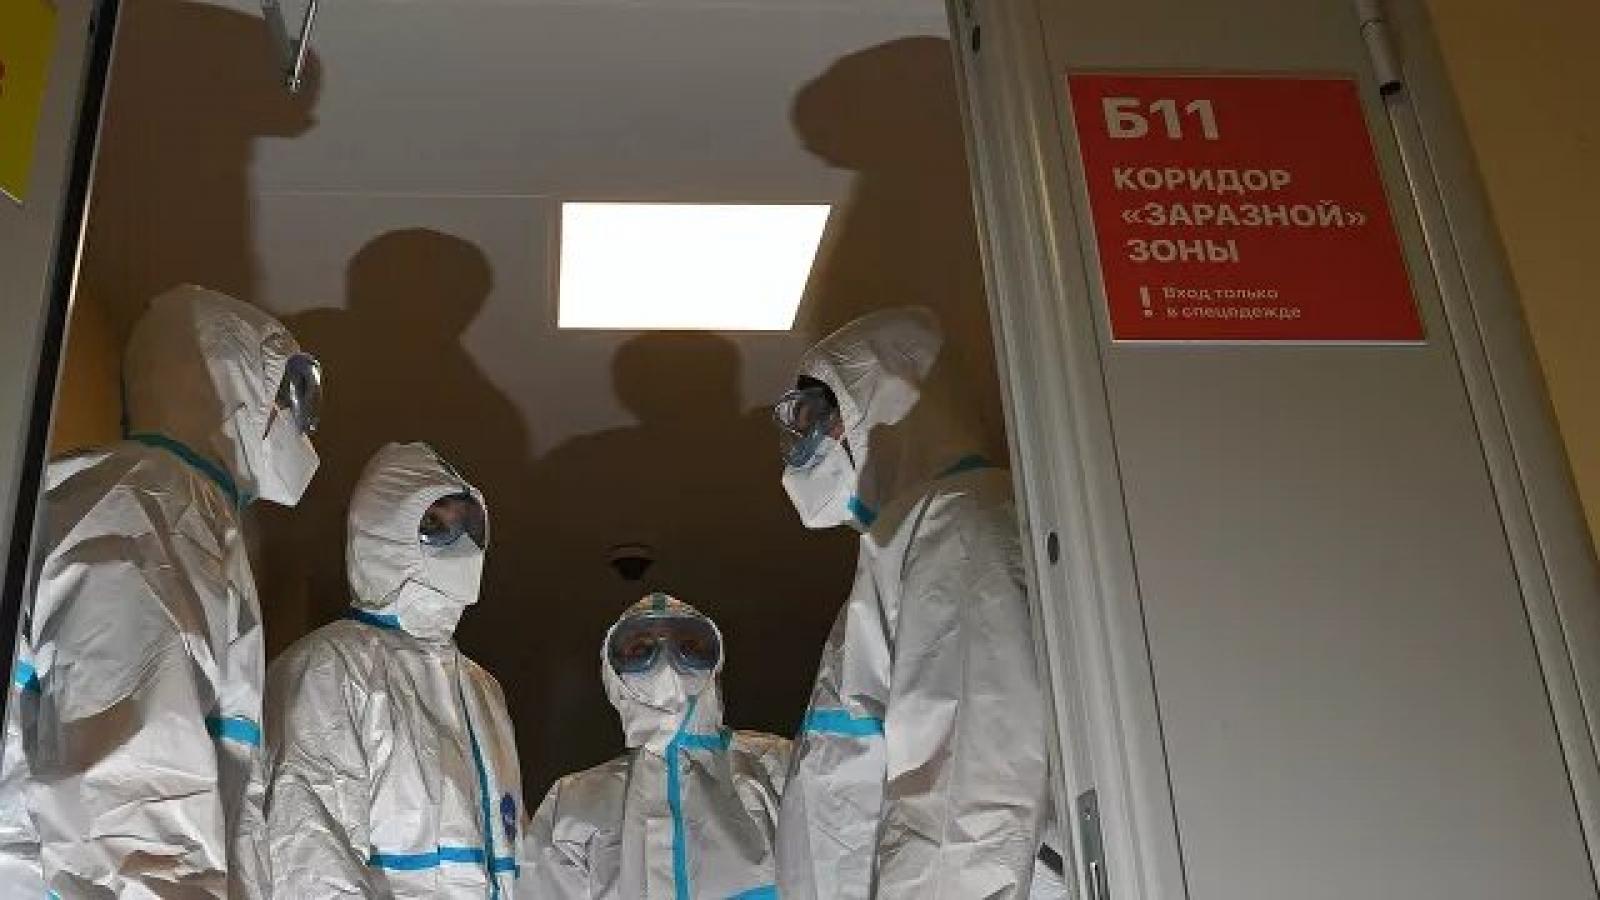 Tình hình dịch Covid-19 tại Nga vẫn căng thẳng